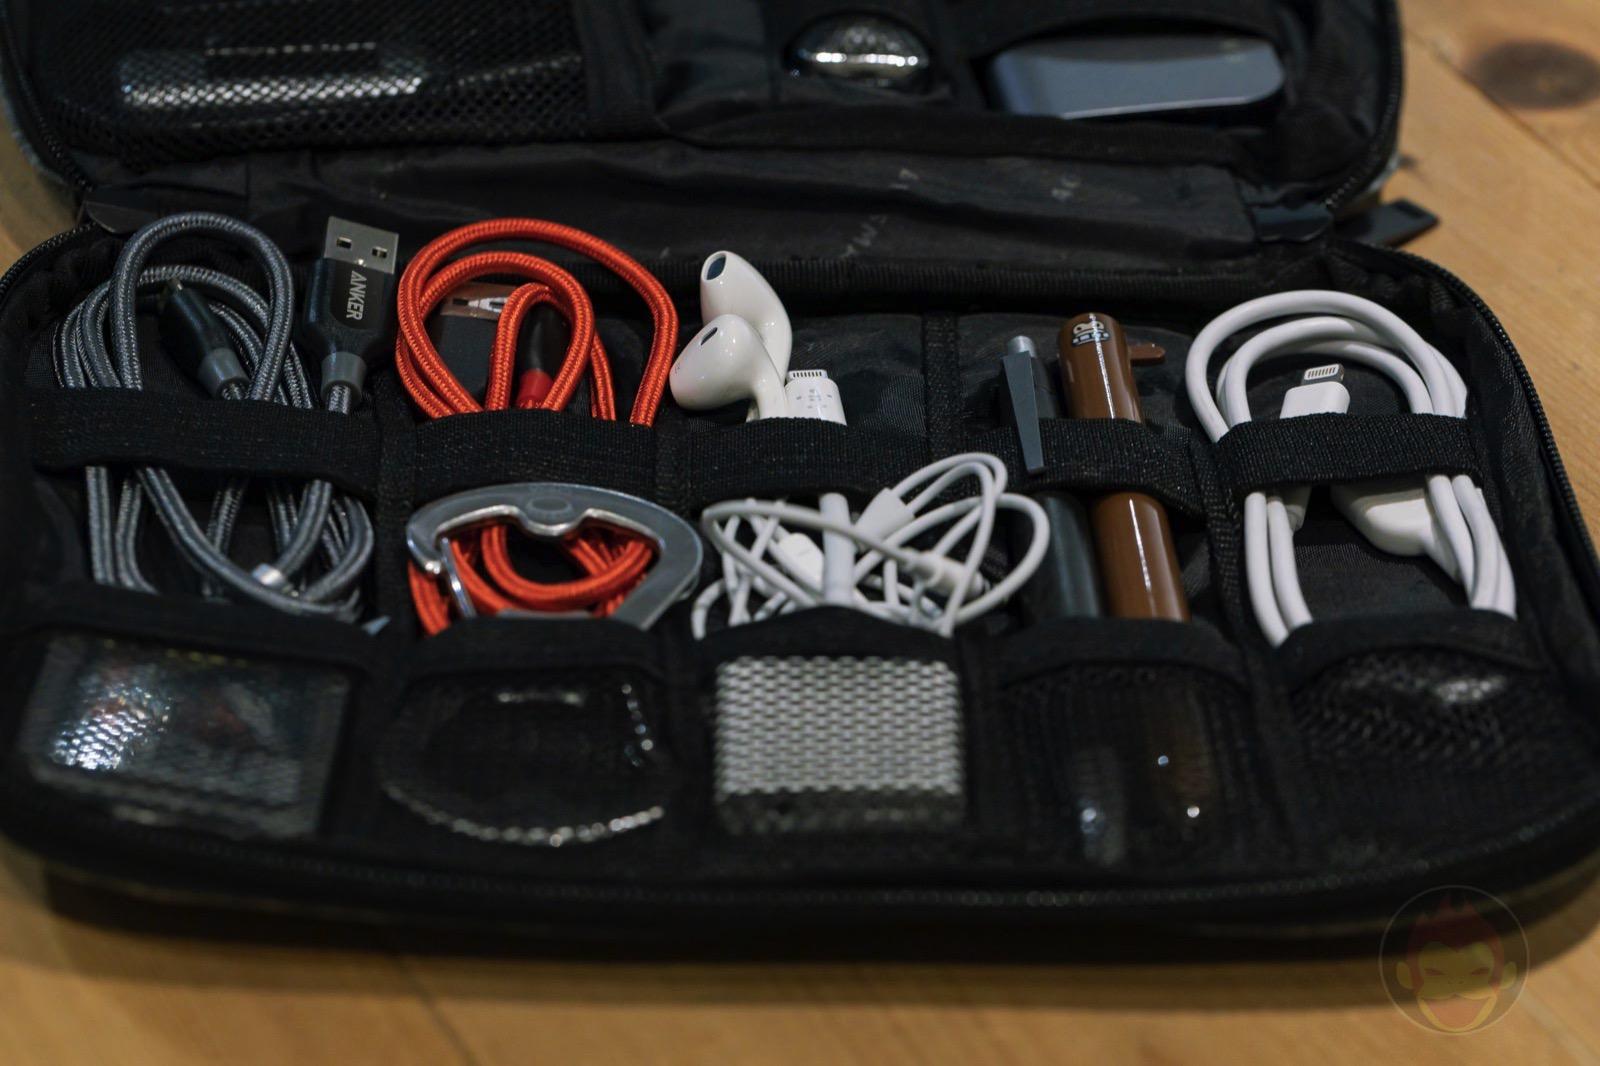 BAGSMART-Gadget-Pouch-Review-13.jpg